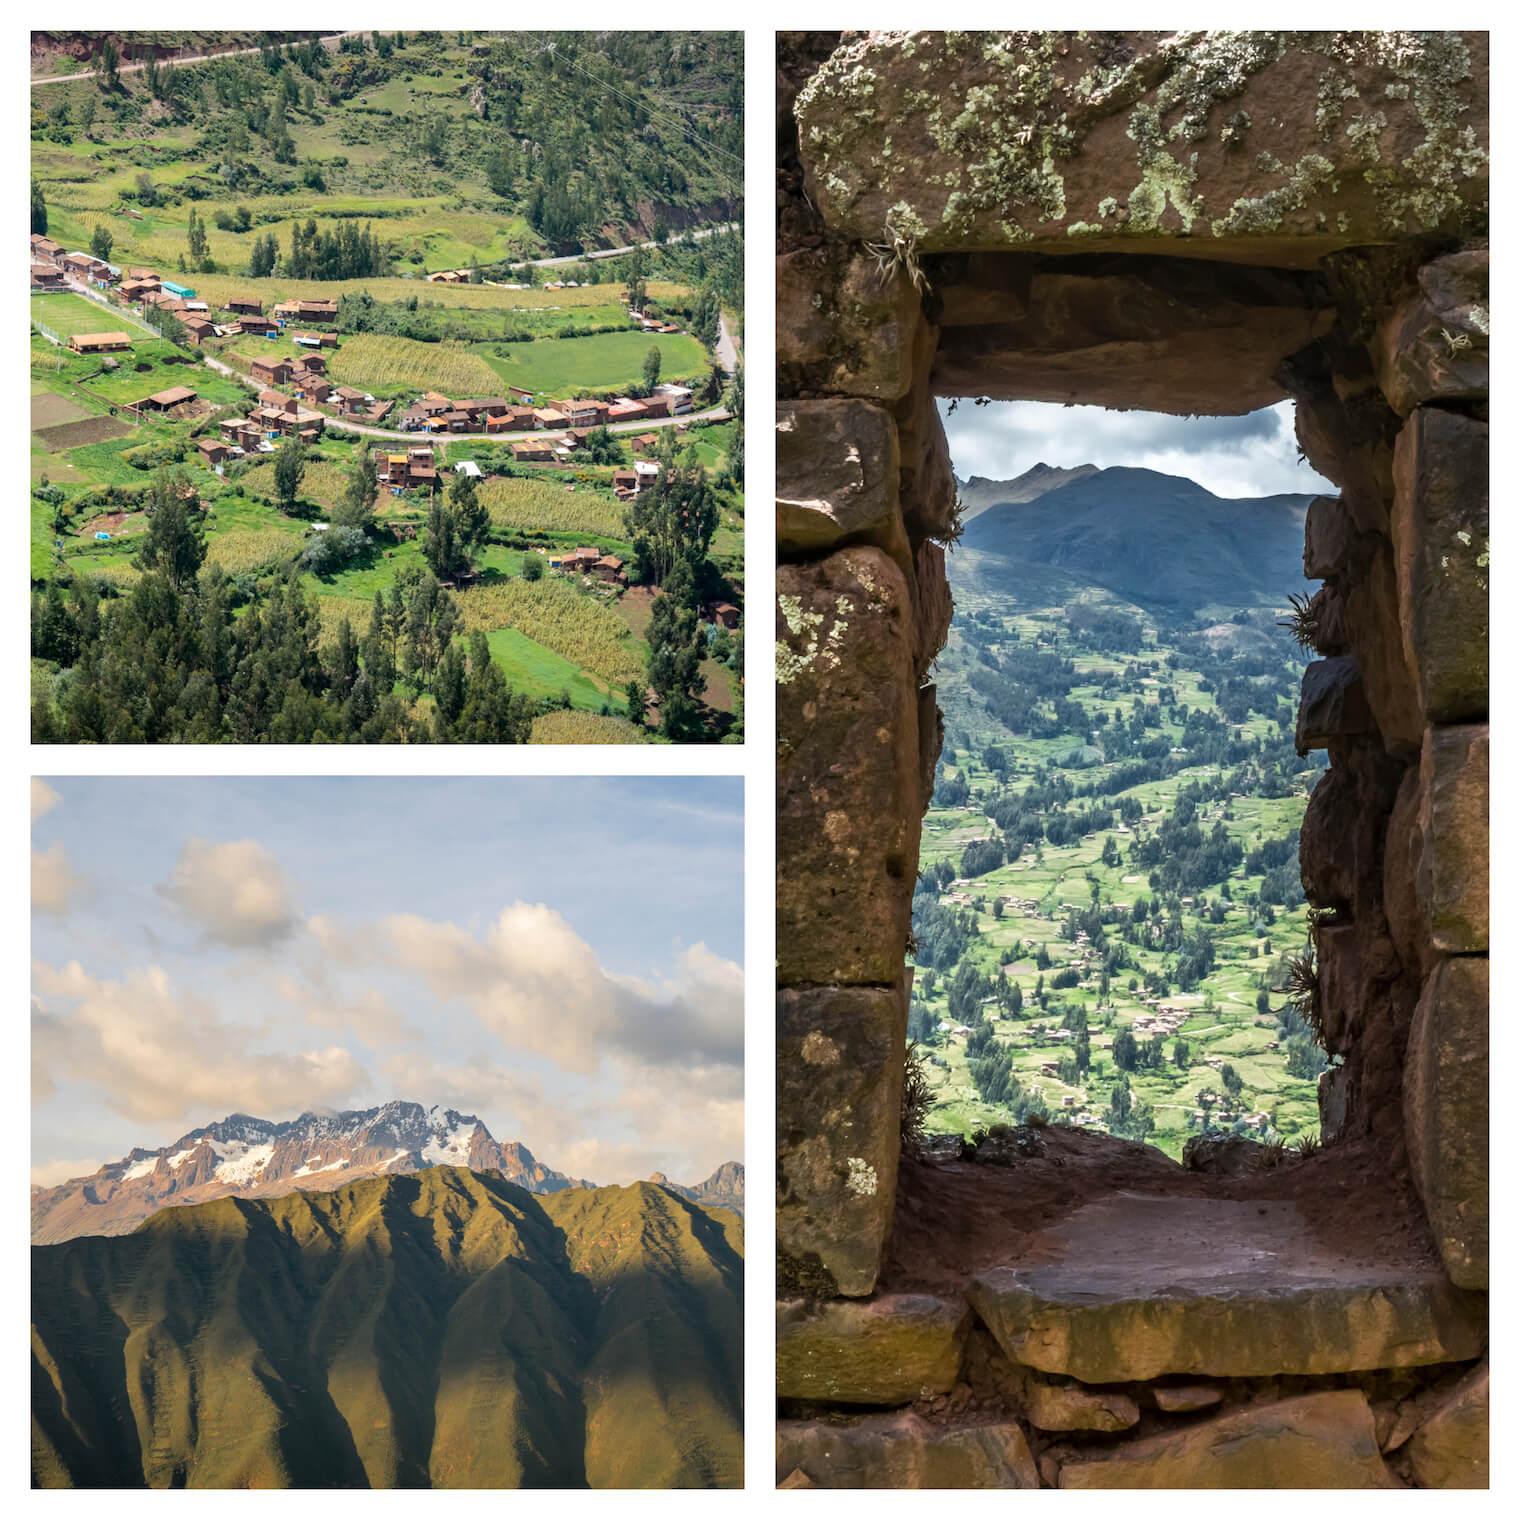 3 Fotos: superior esquerda, um vale bastante verde com pequenas casas de telhado de barro. Esquerda inferior: duas montanhas sobrepostas, uma com neve e outra verde. Em destaque na direita: uma janela feia em rocha com a vista para um vale com várias arvores.